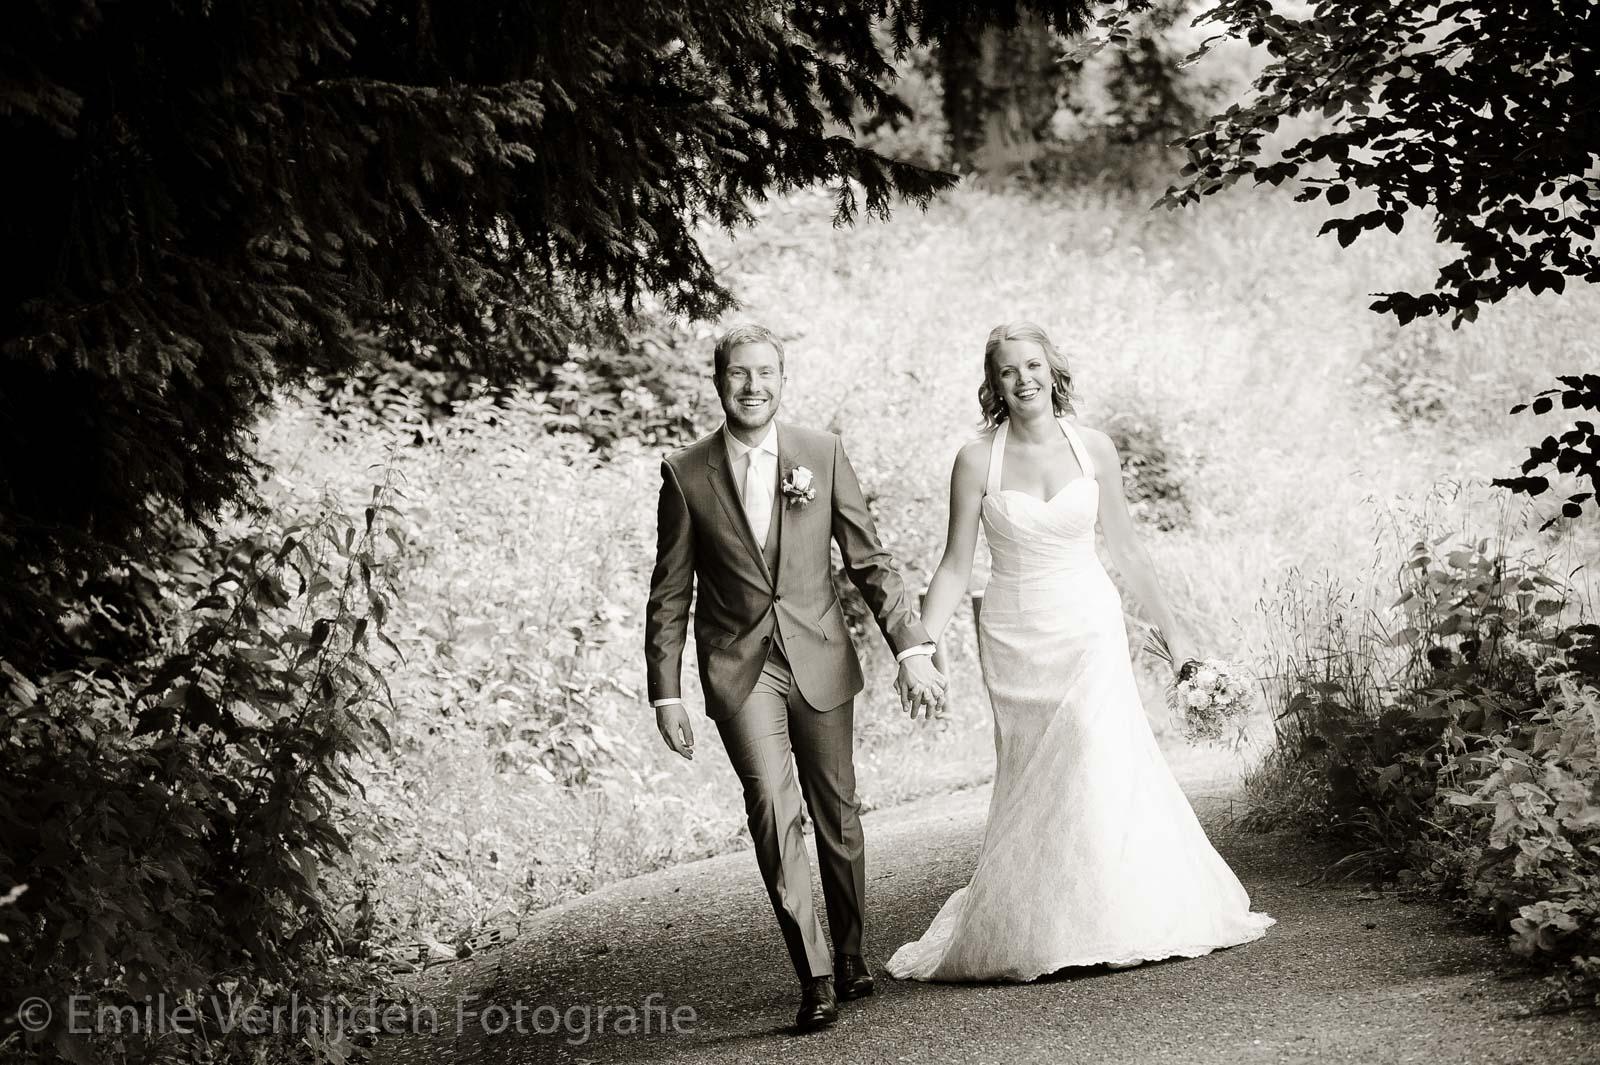 Samen de berg oplopen, bruidsfotograaf Limburg Emile Verhijden